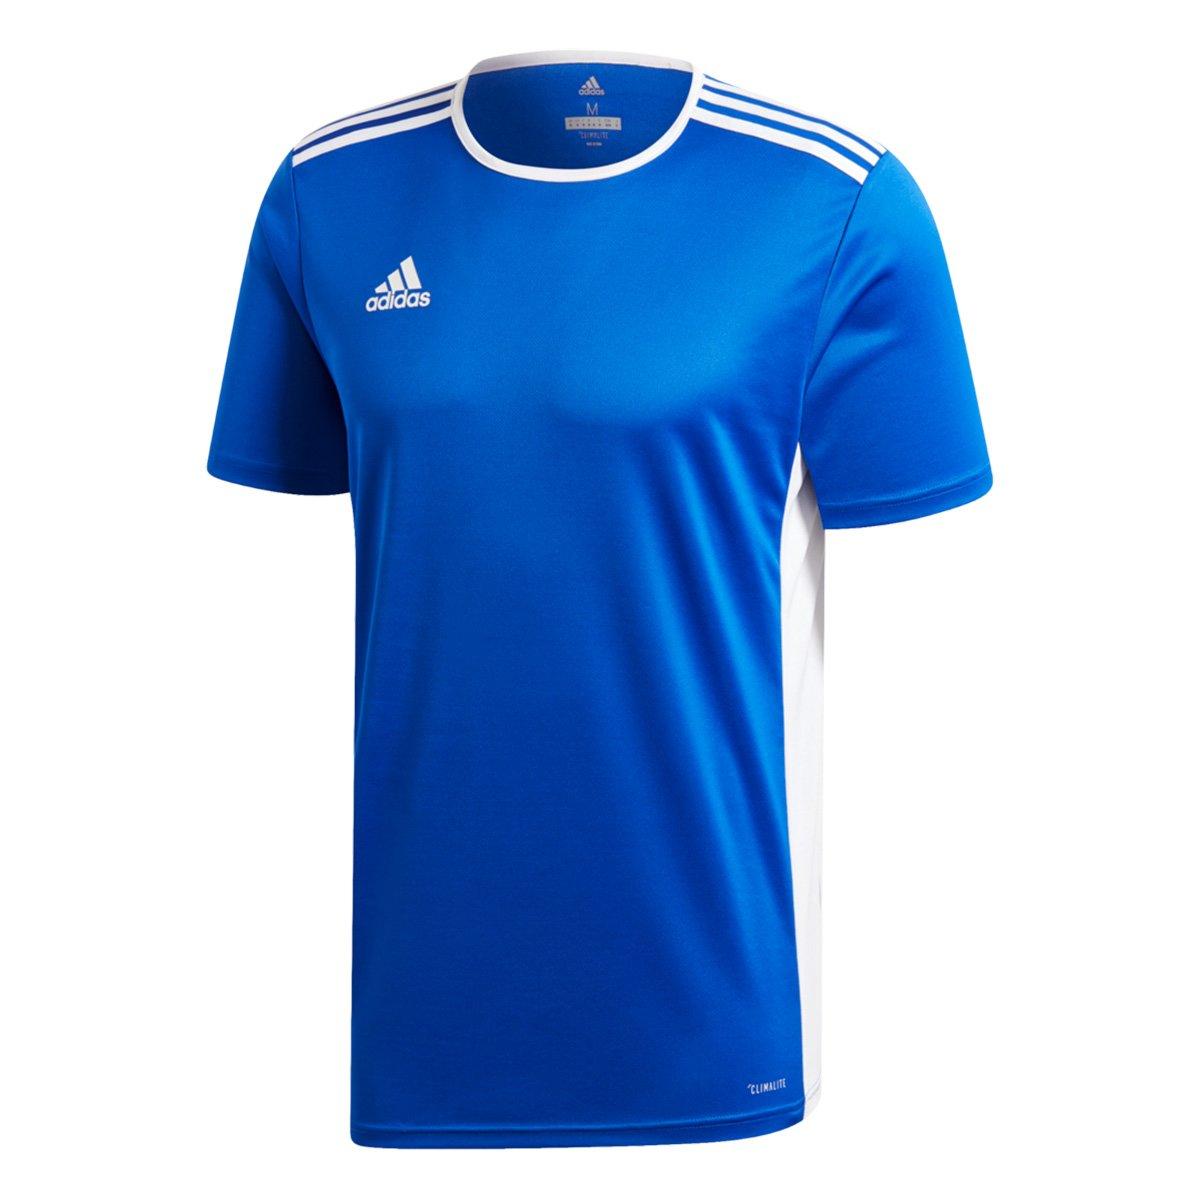 549cf4eeadd4e Camiseta Adidas Entrada 18 Masculina - Azul e Branco - Compre Agora ...